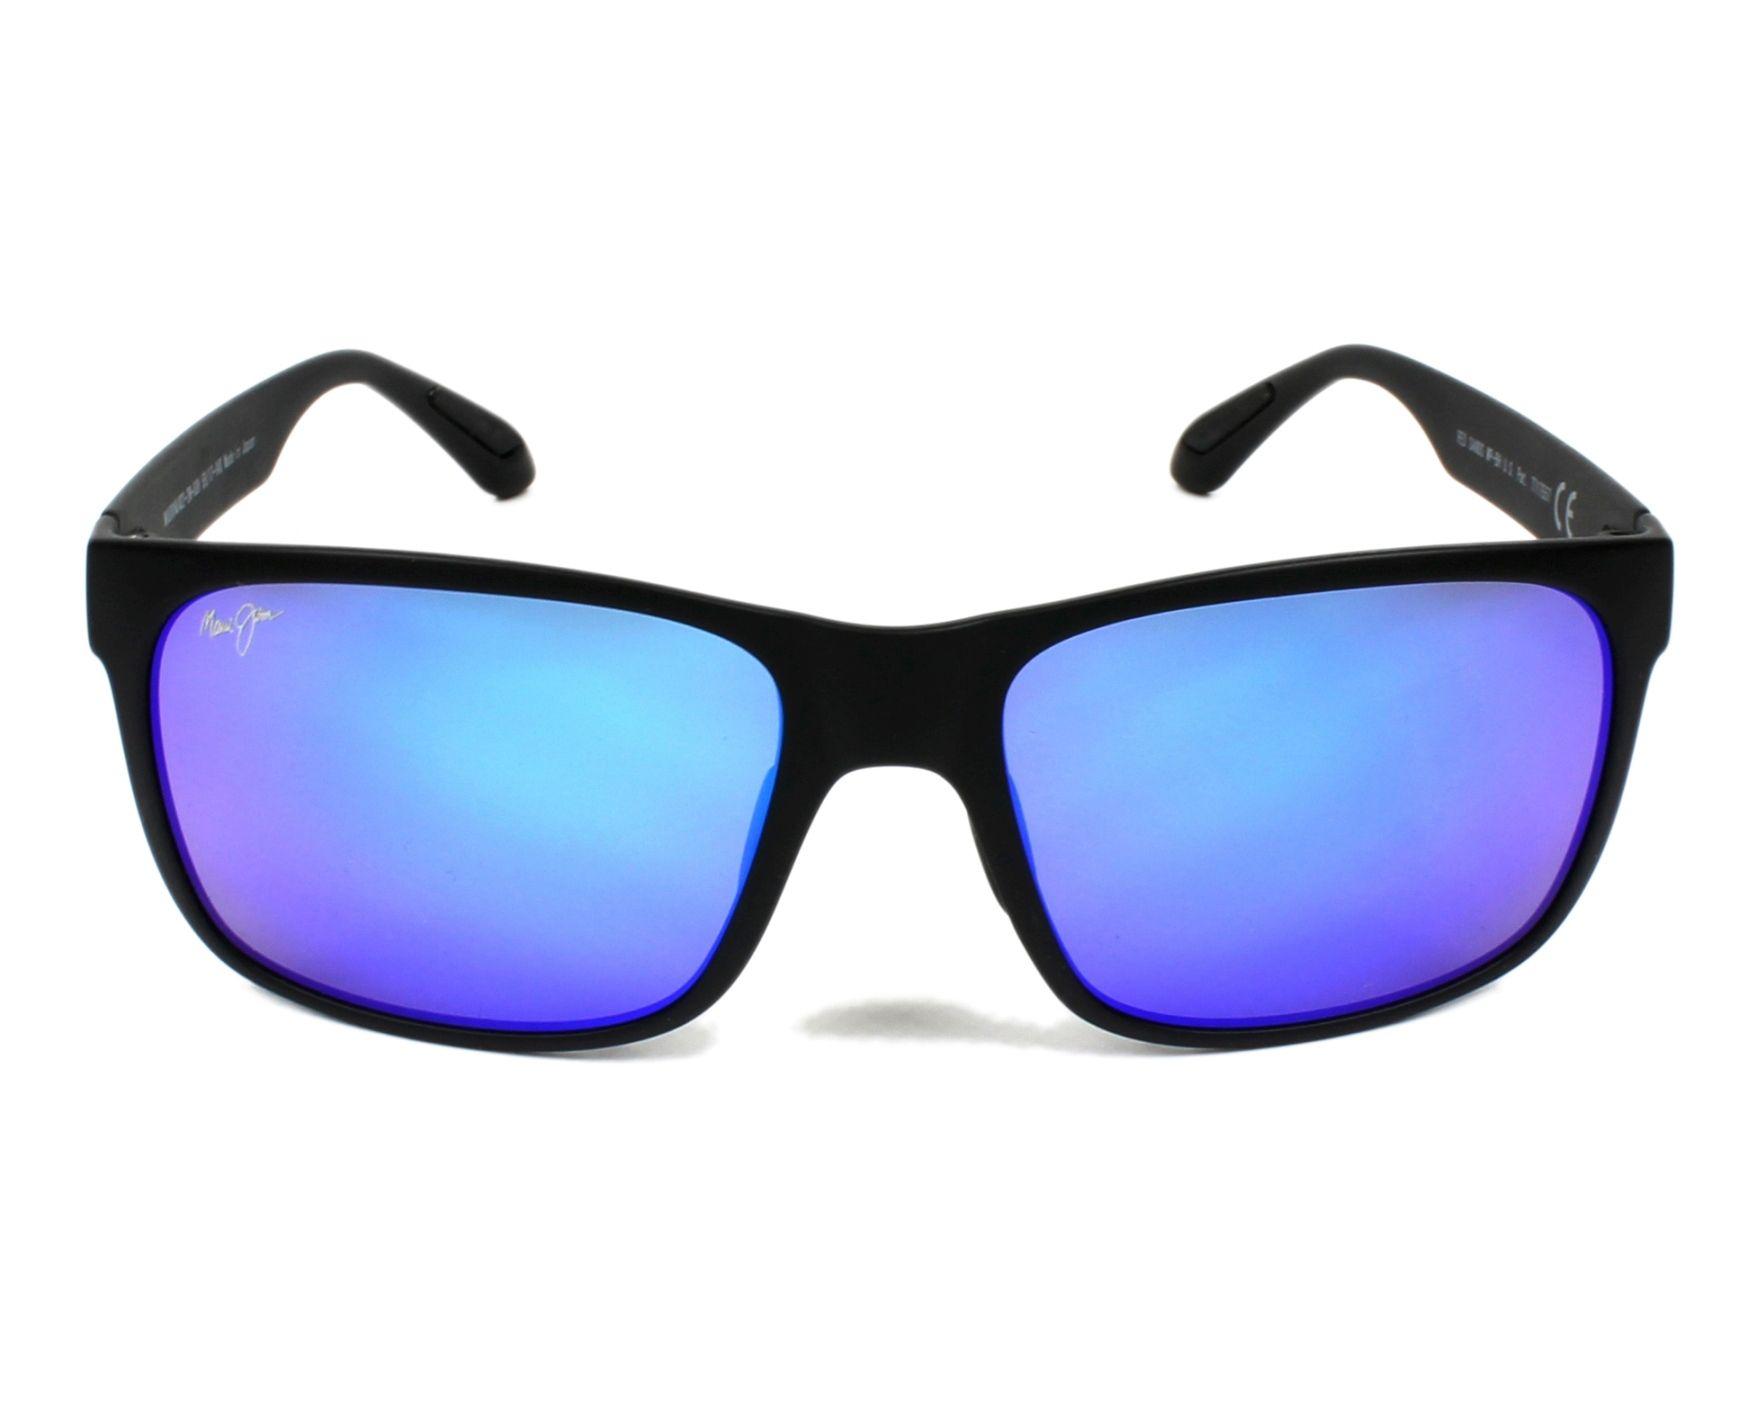 e3fd34e91fbdfa Lunettes de soleil Maui Jim B-432 2M 59-17 Noir vue de face